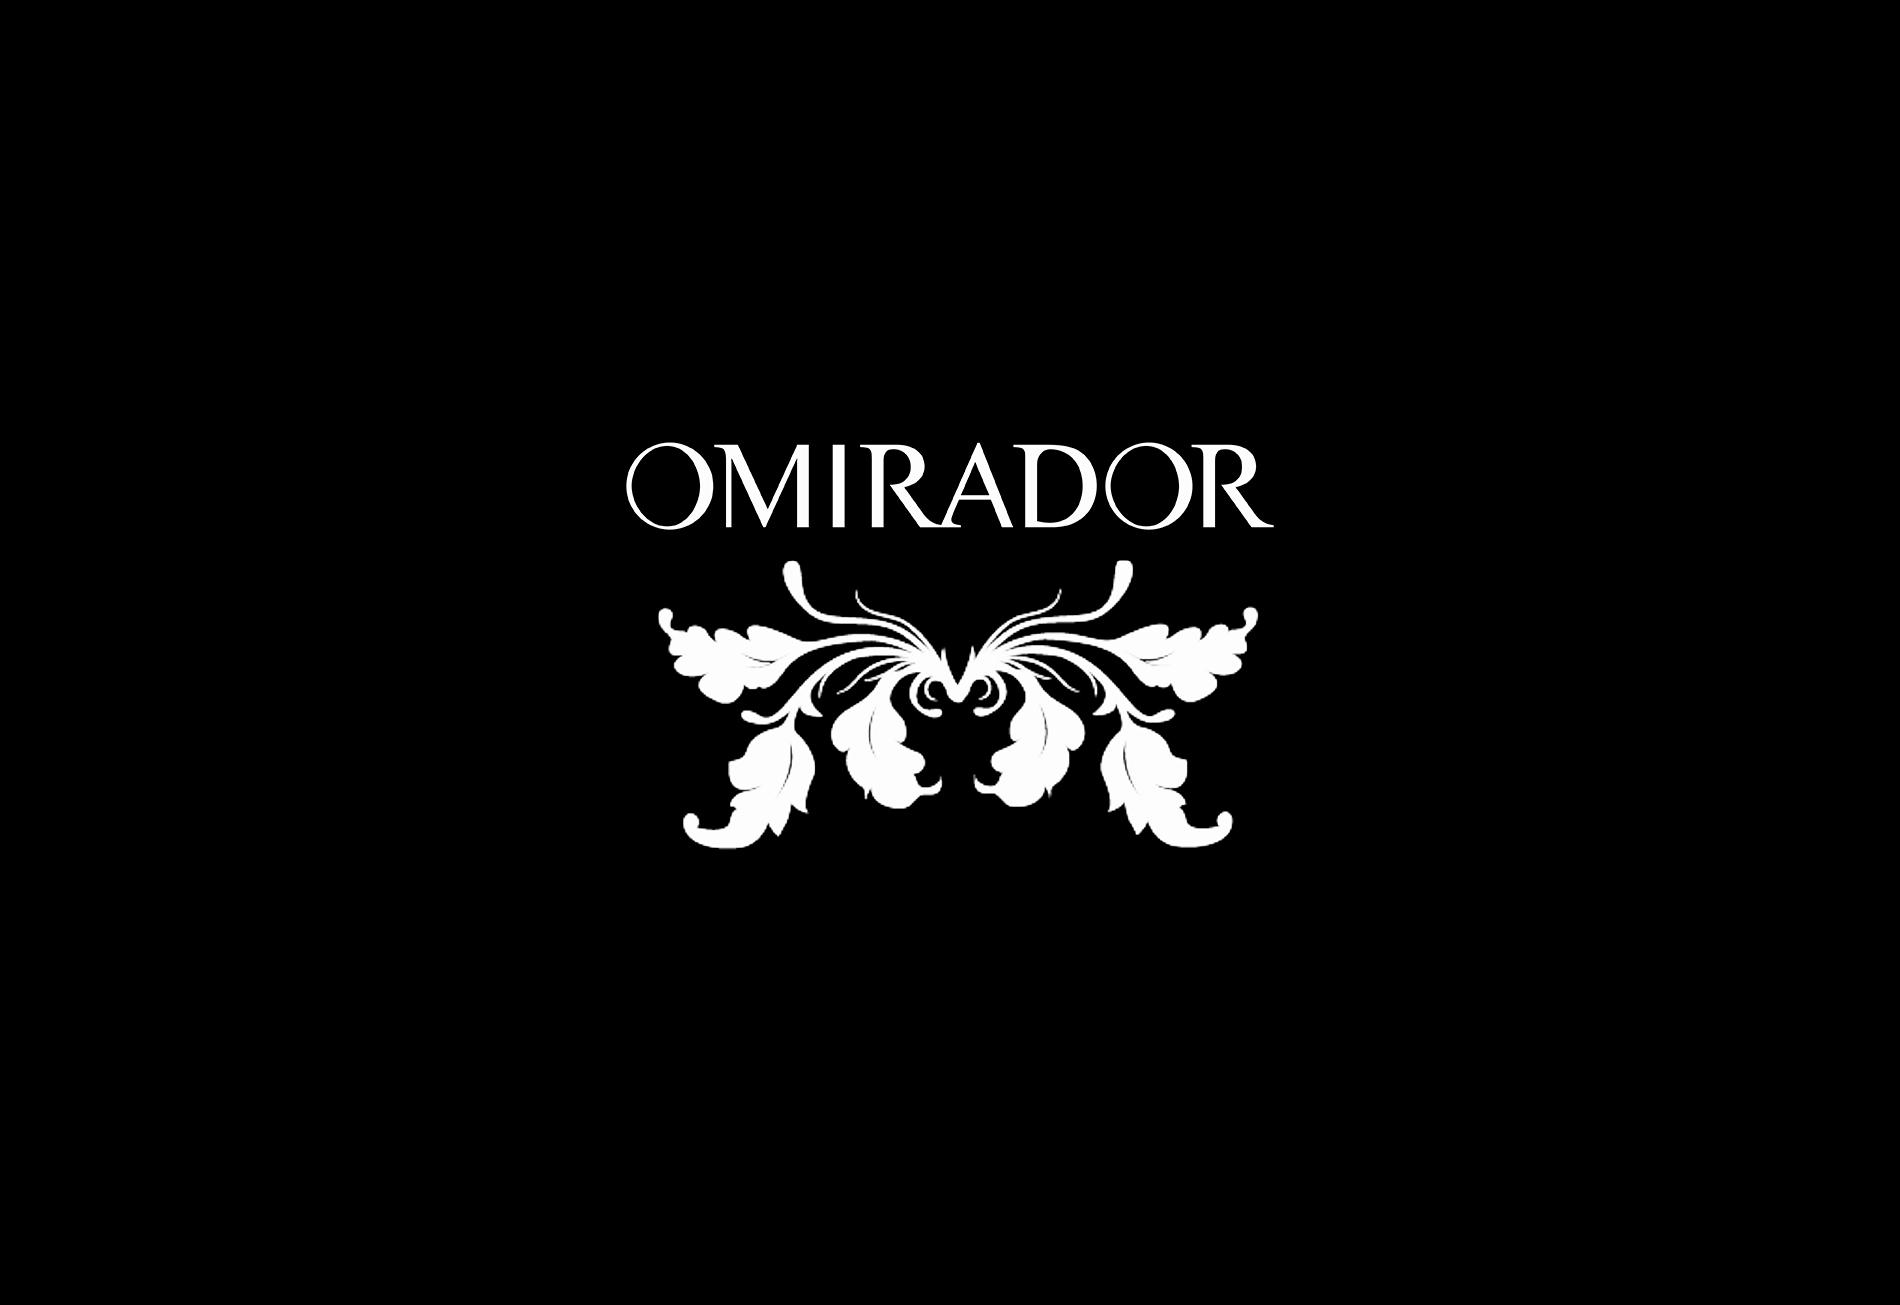 Casa Omirador